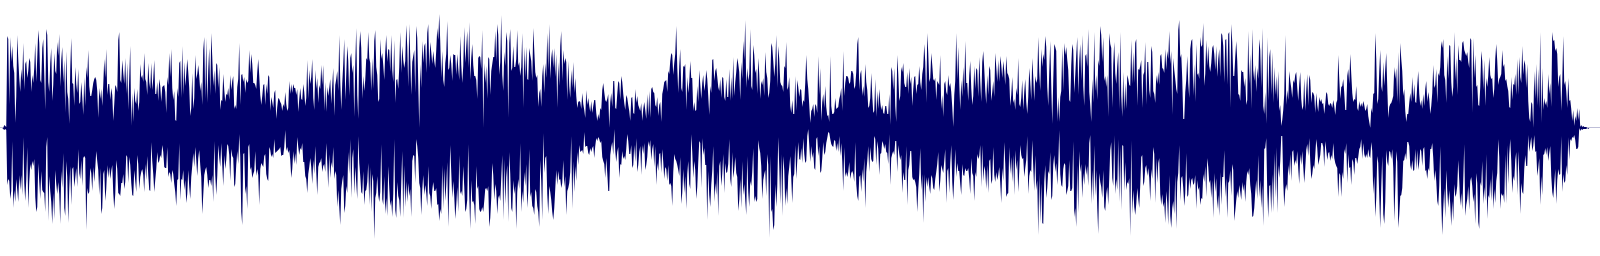 waveform of track #135021